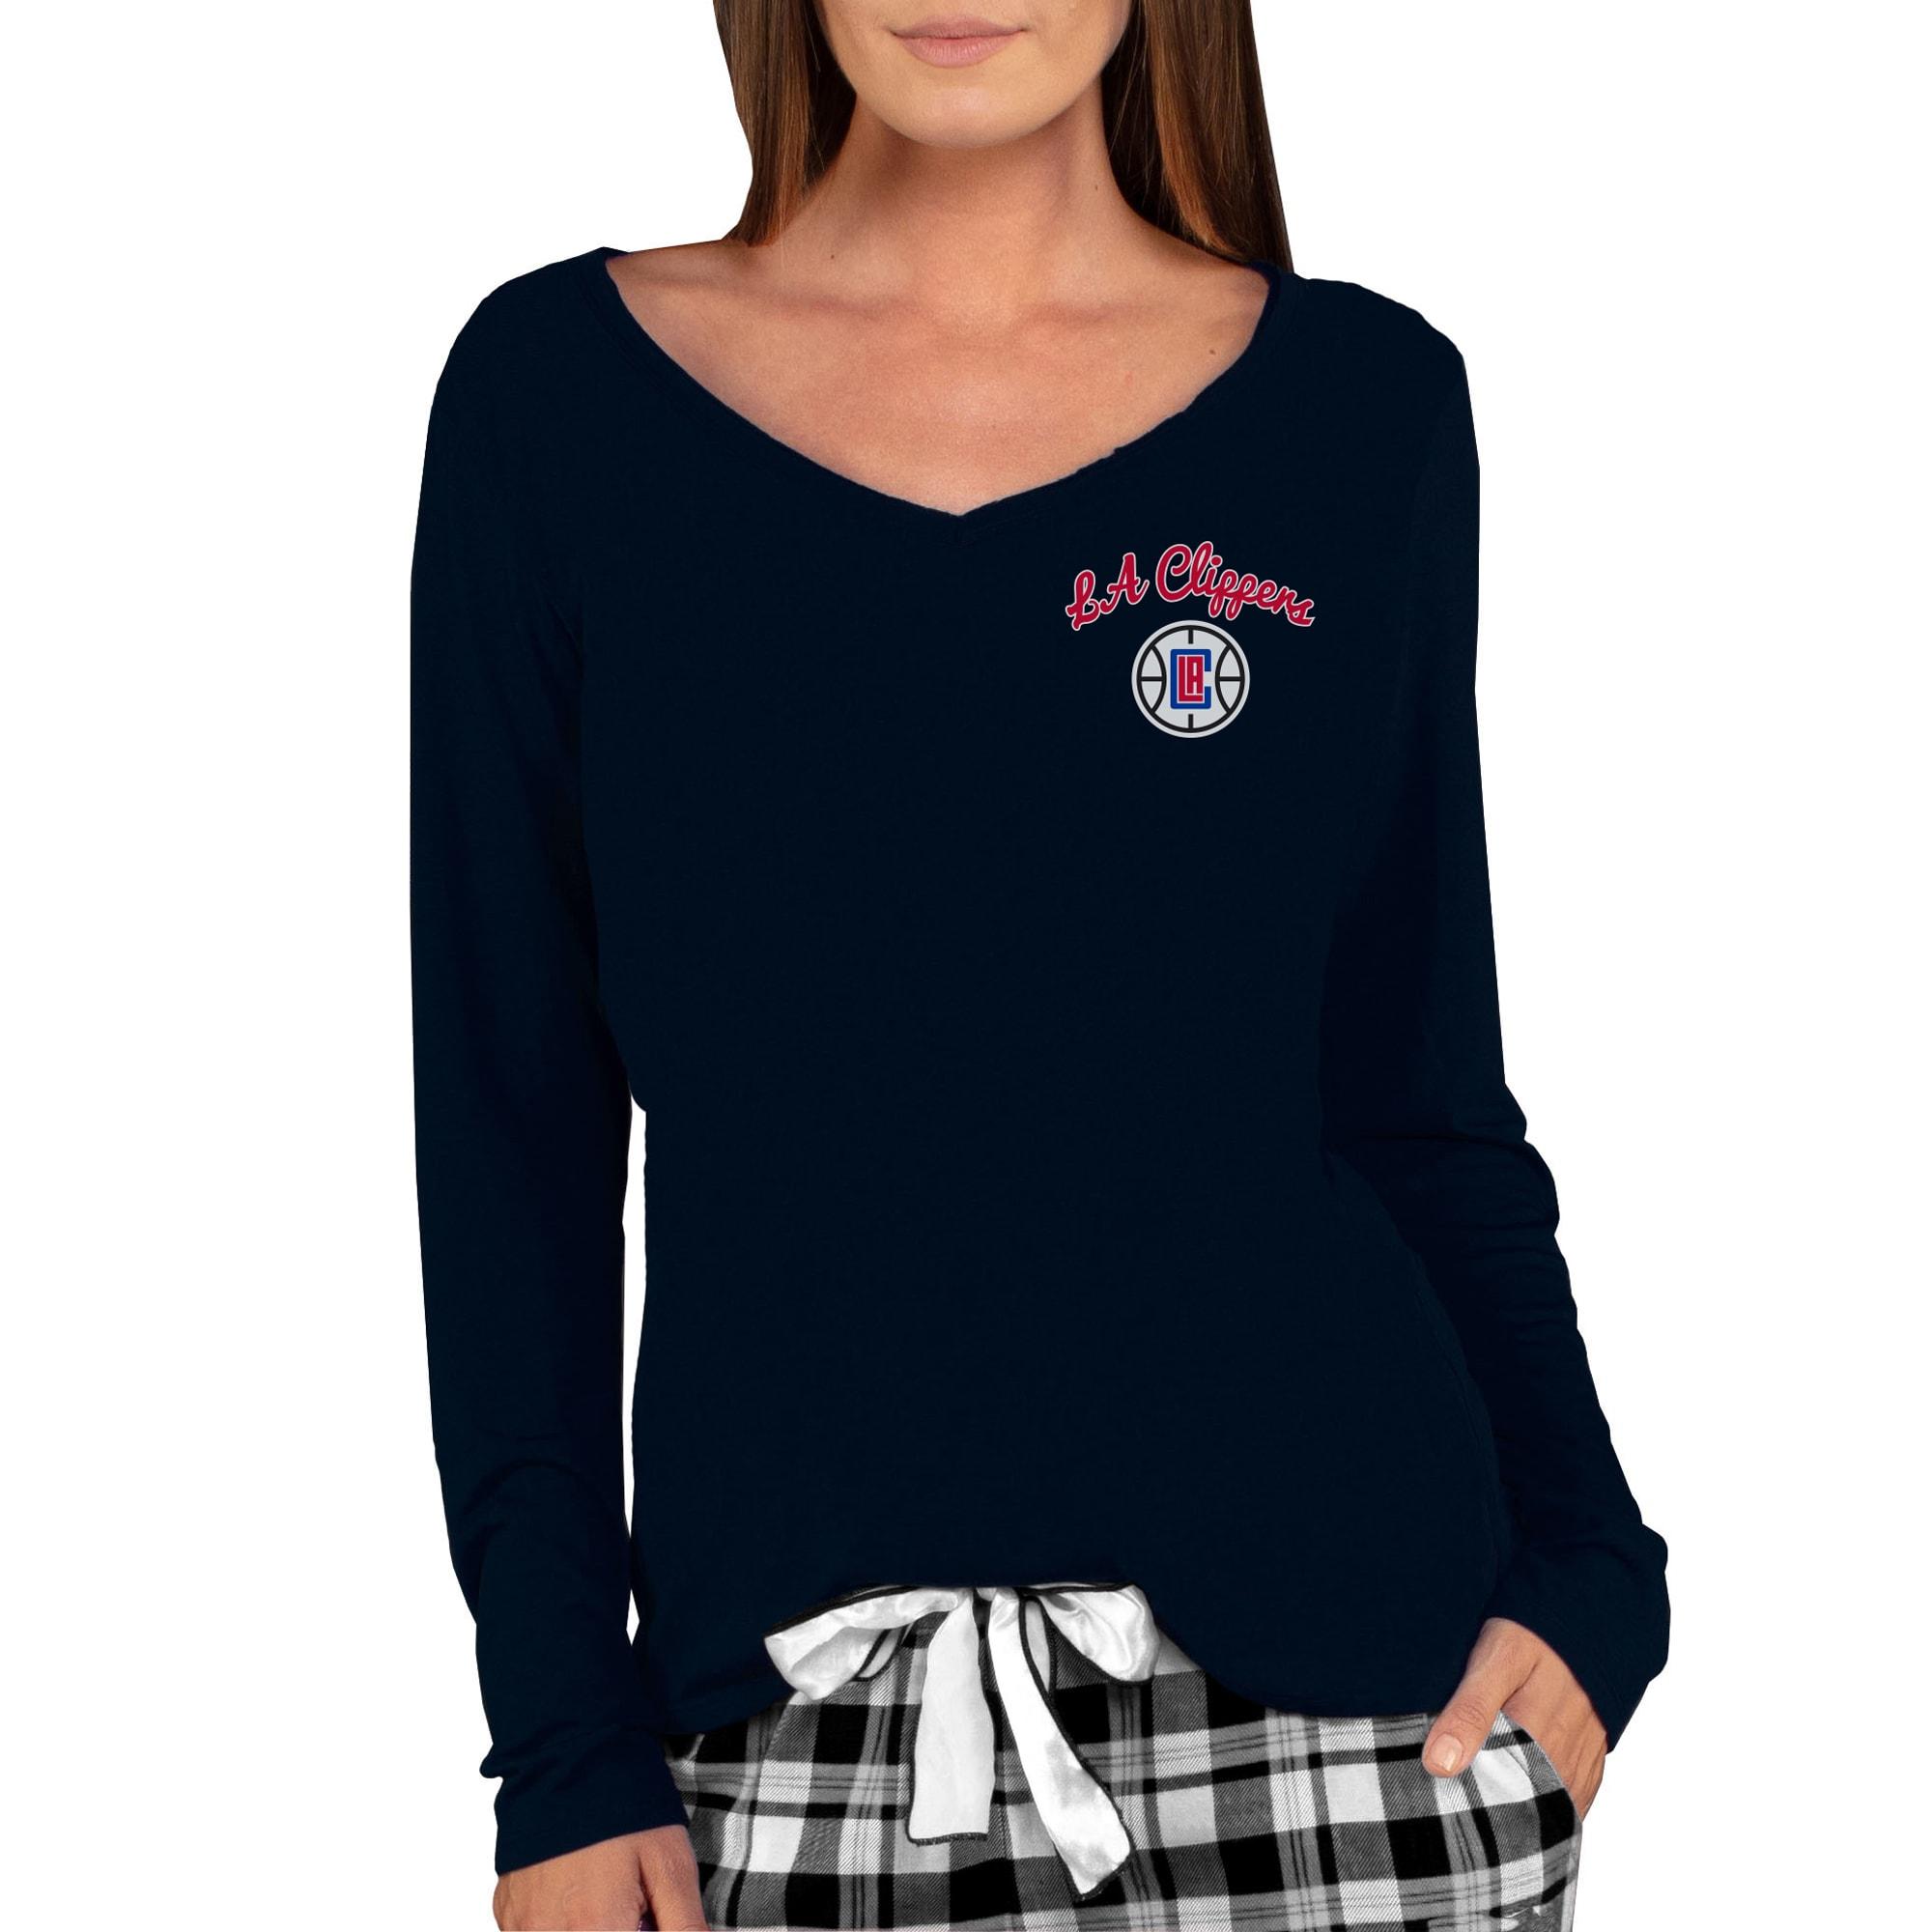 LA Clippers Concepts Sport Women's Marathon V-Neck Long Sleeve T-Shirt - Black